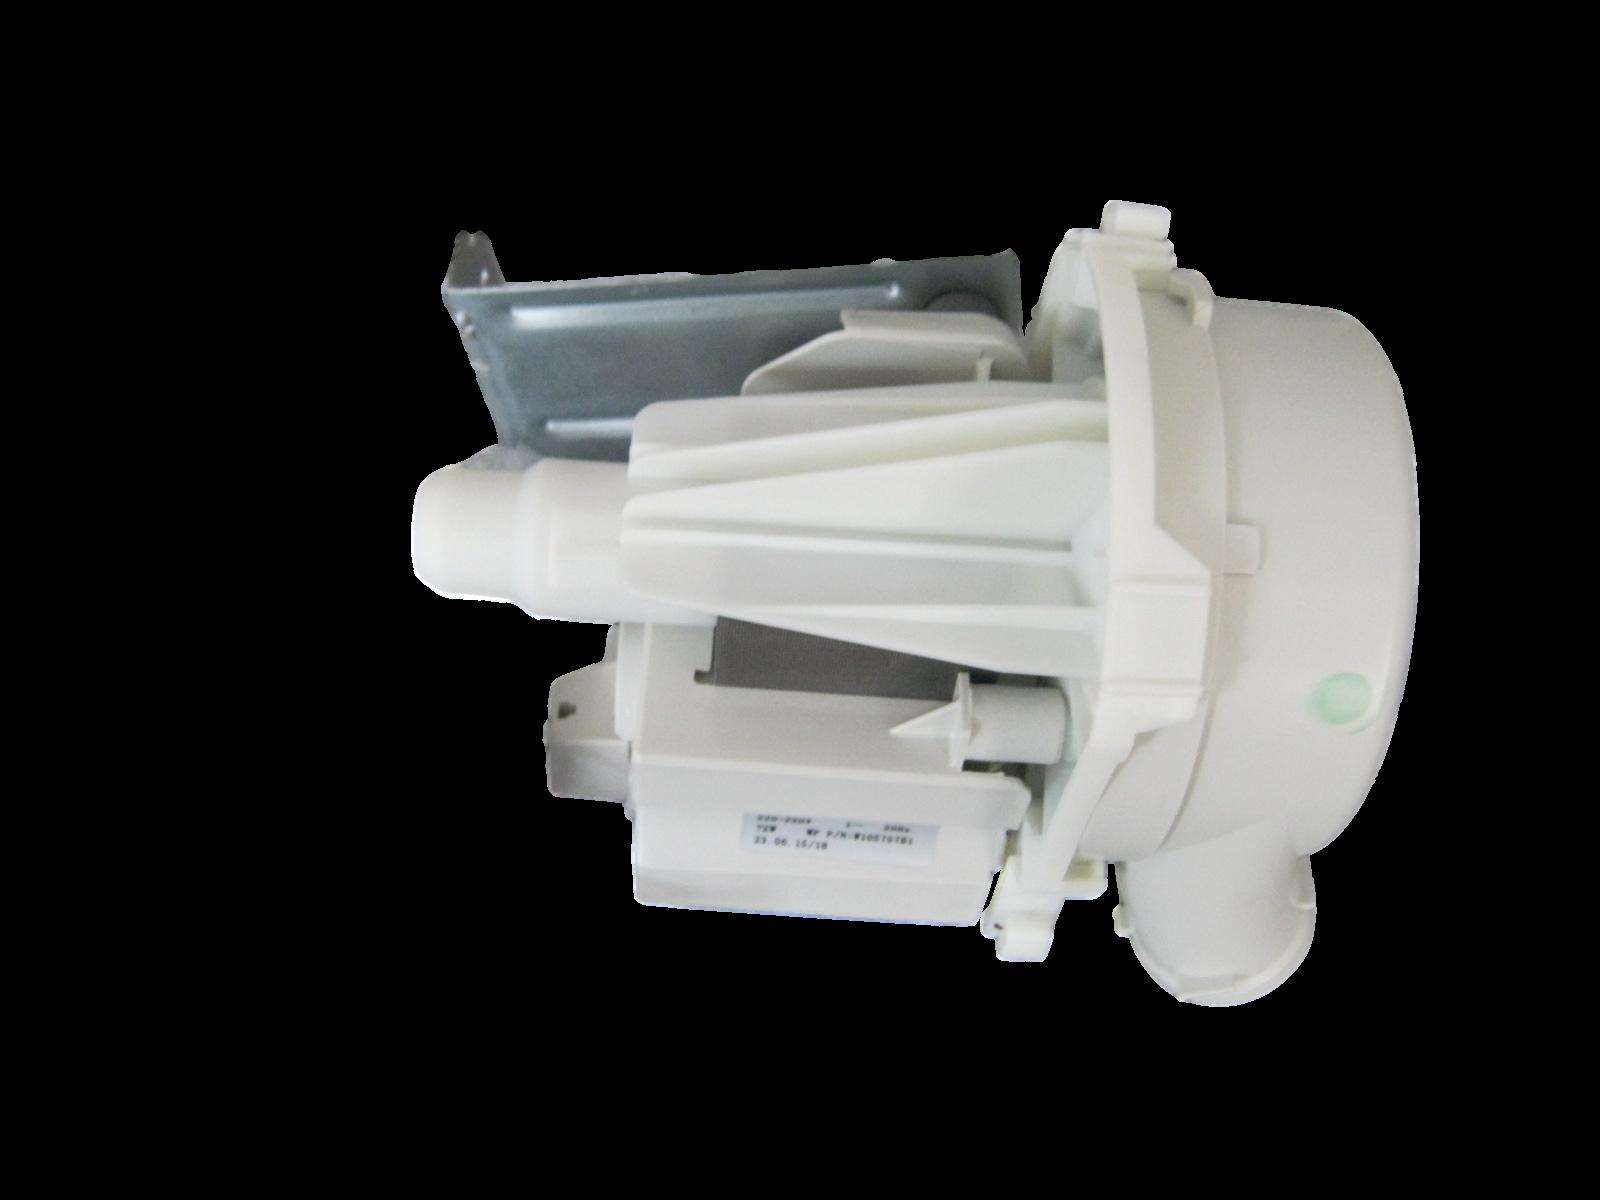 čerpadlo cirkulační do myčky Whirlpool, Ignis, Bauknecht - 481010514599 Whirlpool / Indesit